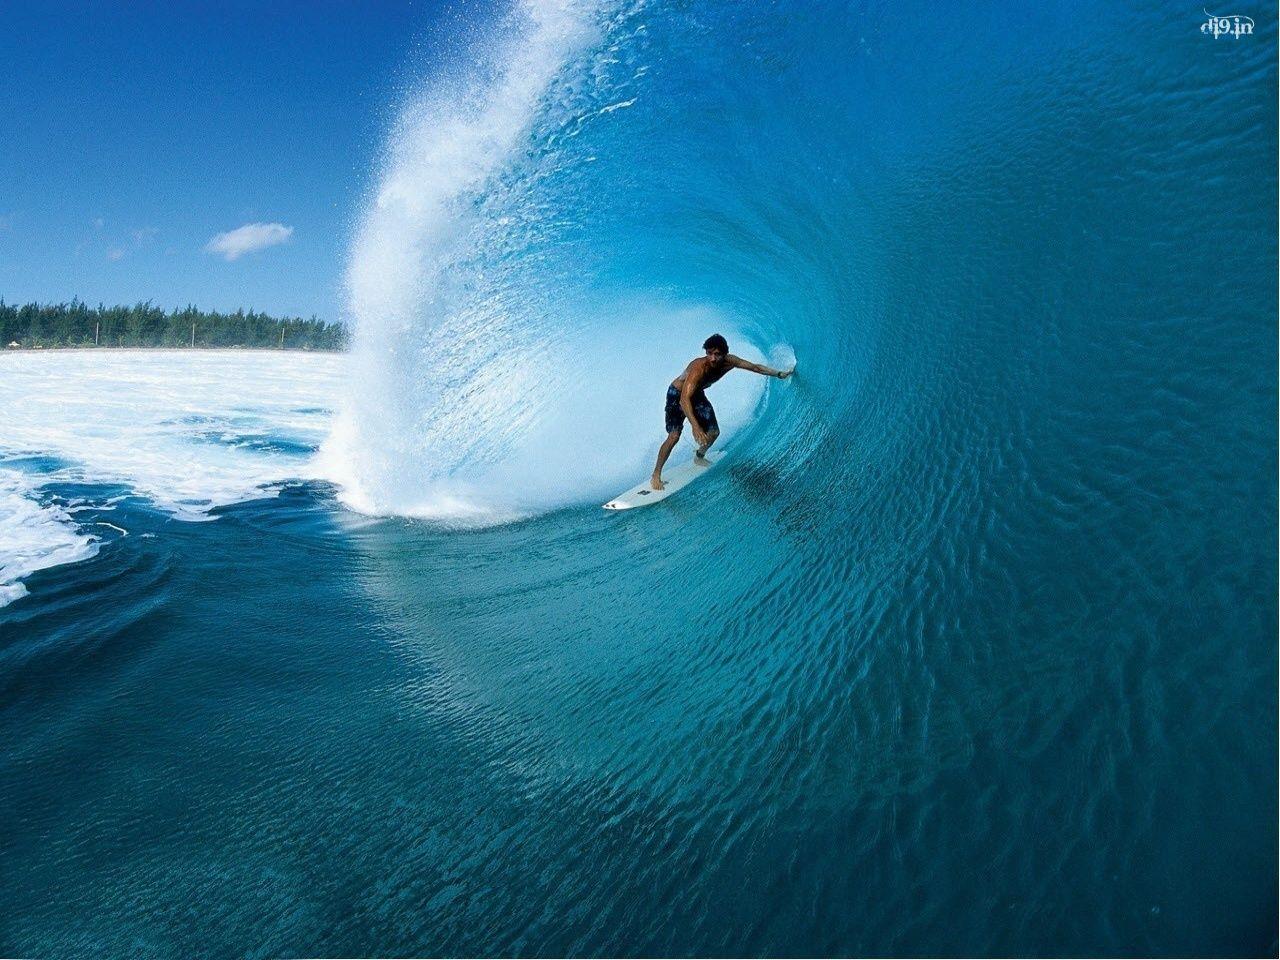 壁紙画像 サーファー Surfer ビックウェーブ 海と波とサーフィン